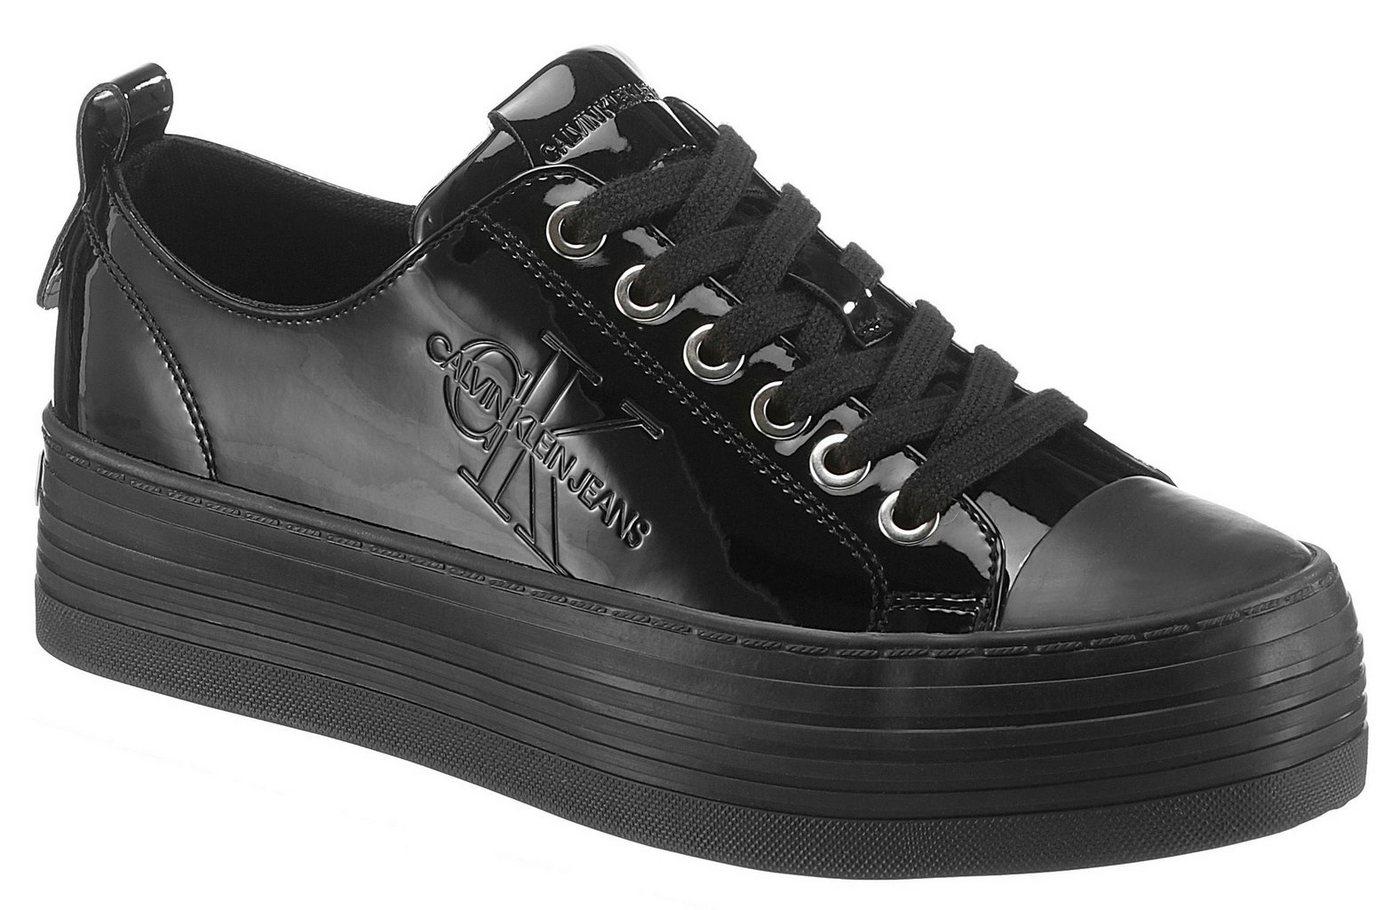 Damen Calvin Klein Zolah Sneaker mit Logoprägung schwarz   00889680166684